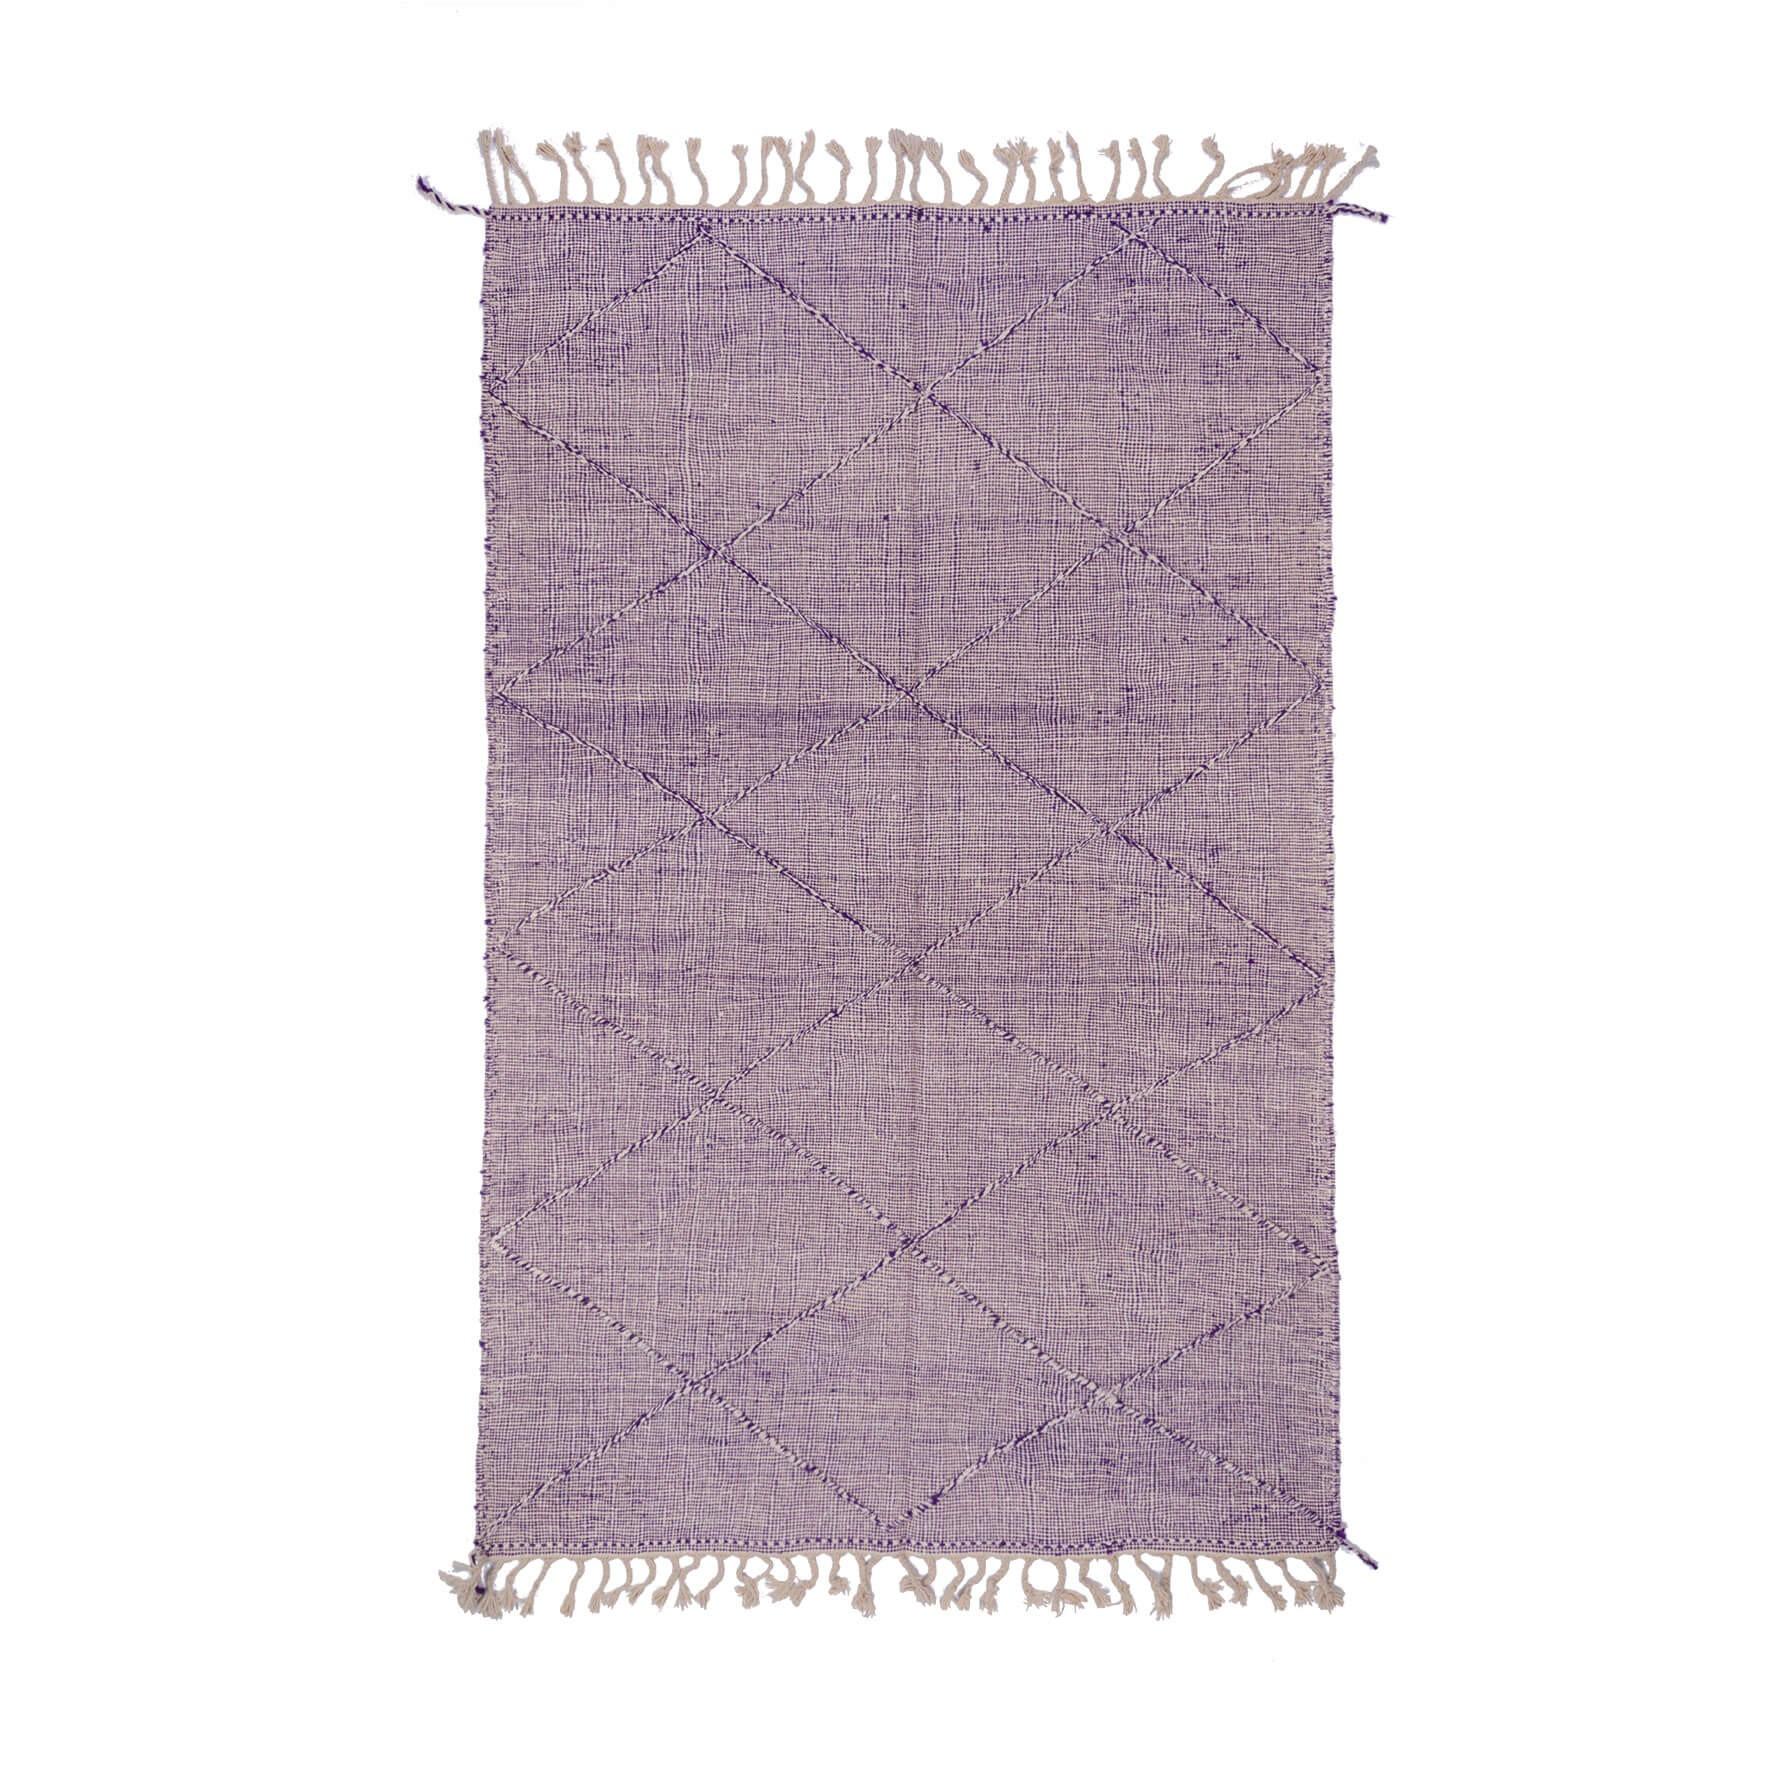 Azilal carpet MEDIUM tapestry